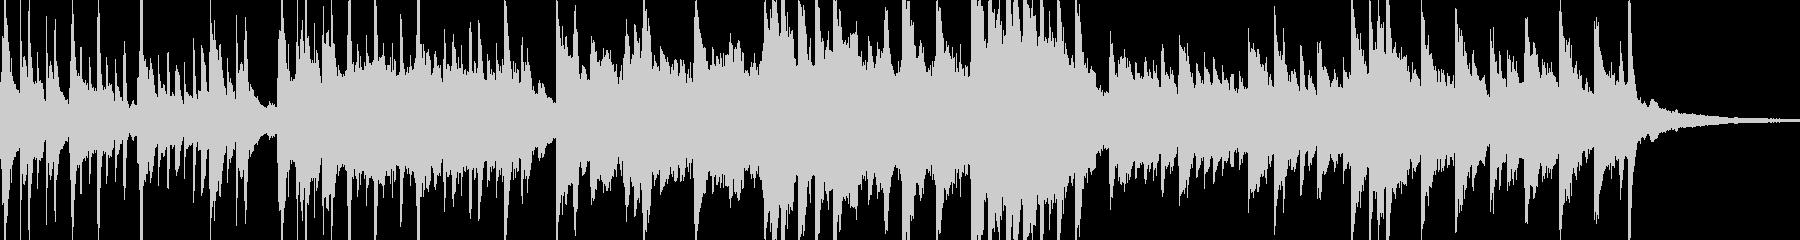 ピアノがメインの曲の未再生の波形